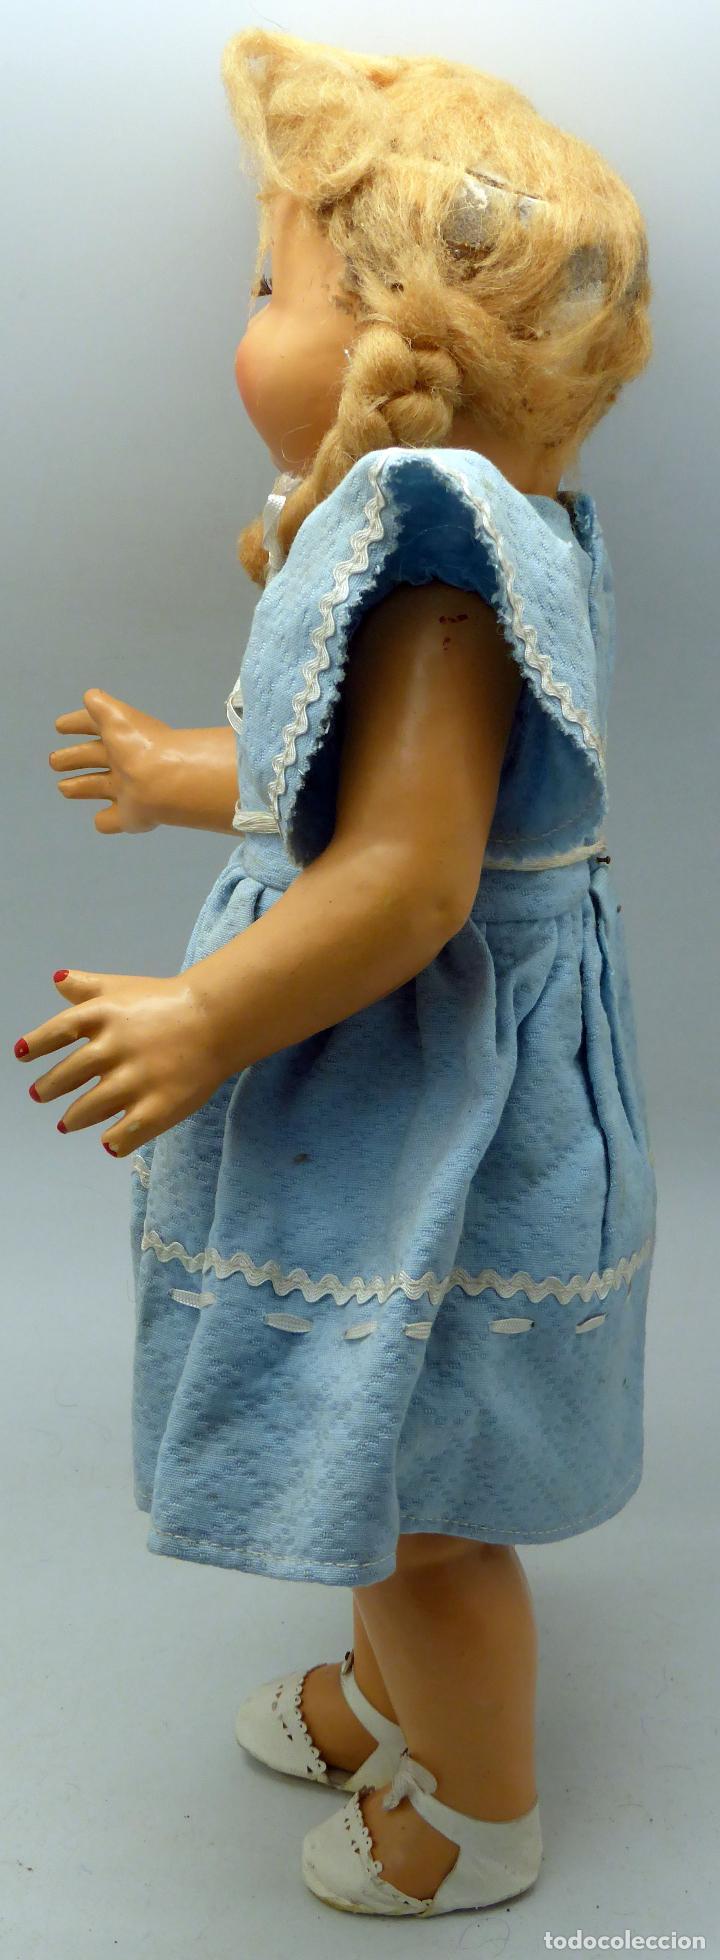 Muñeca española clasica: Muñeca popular cartón piedra ojo durmiente ropa original peluca calzado años 40 40 cm - Foto 3 - 88131616